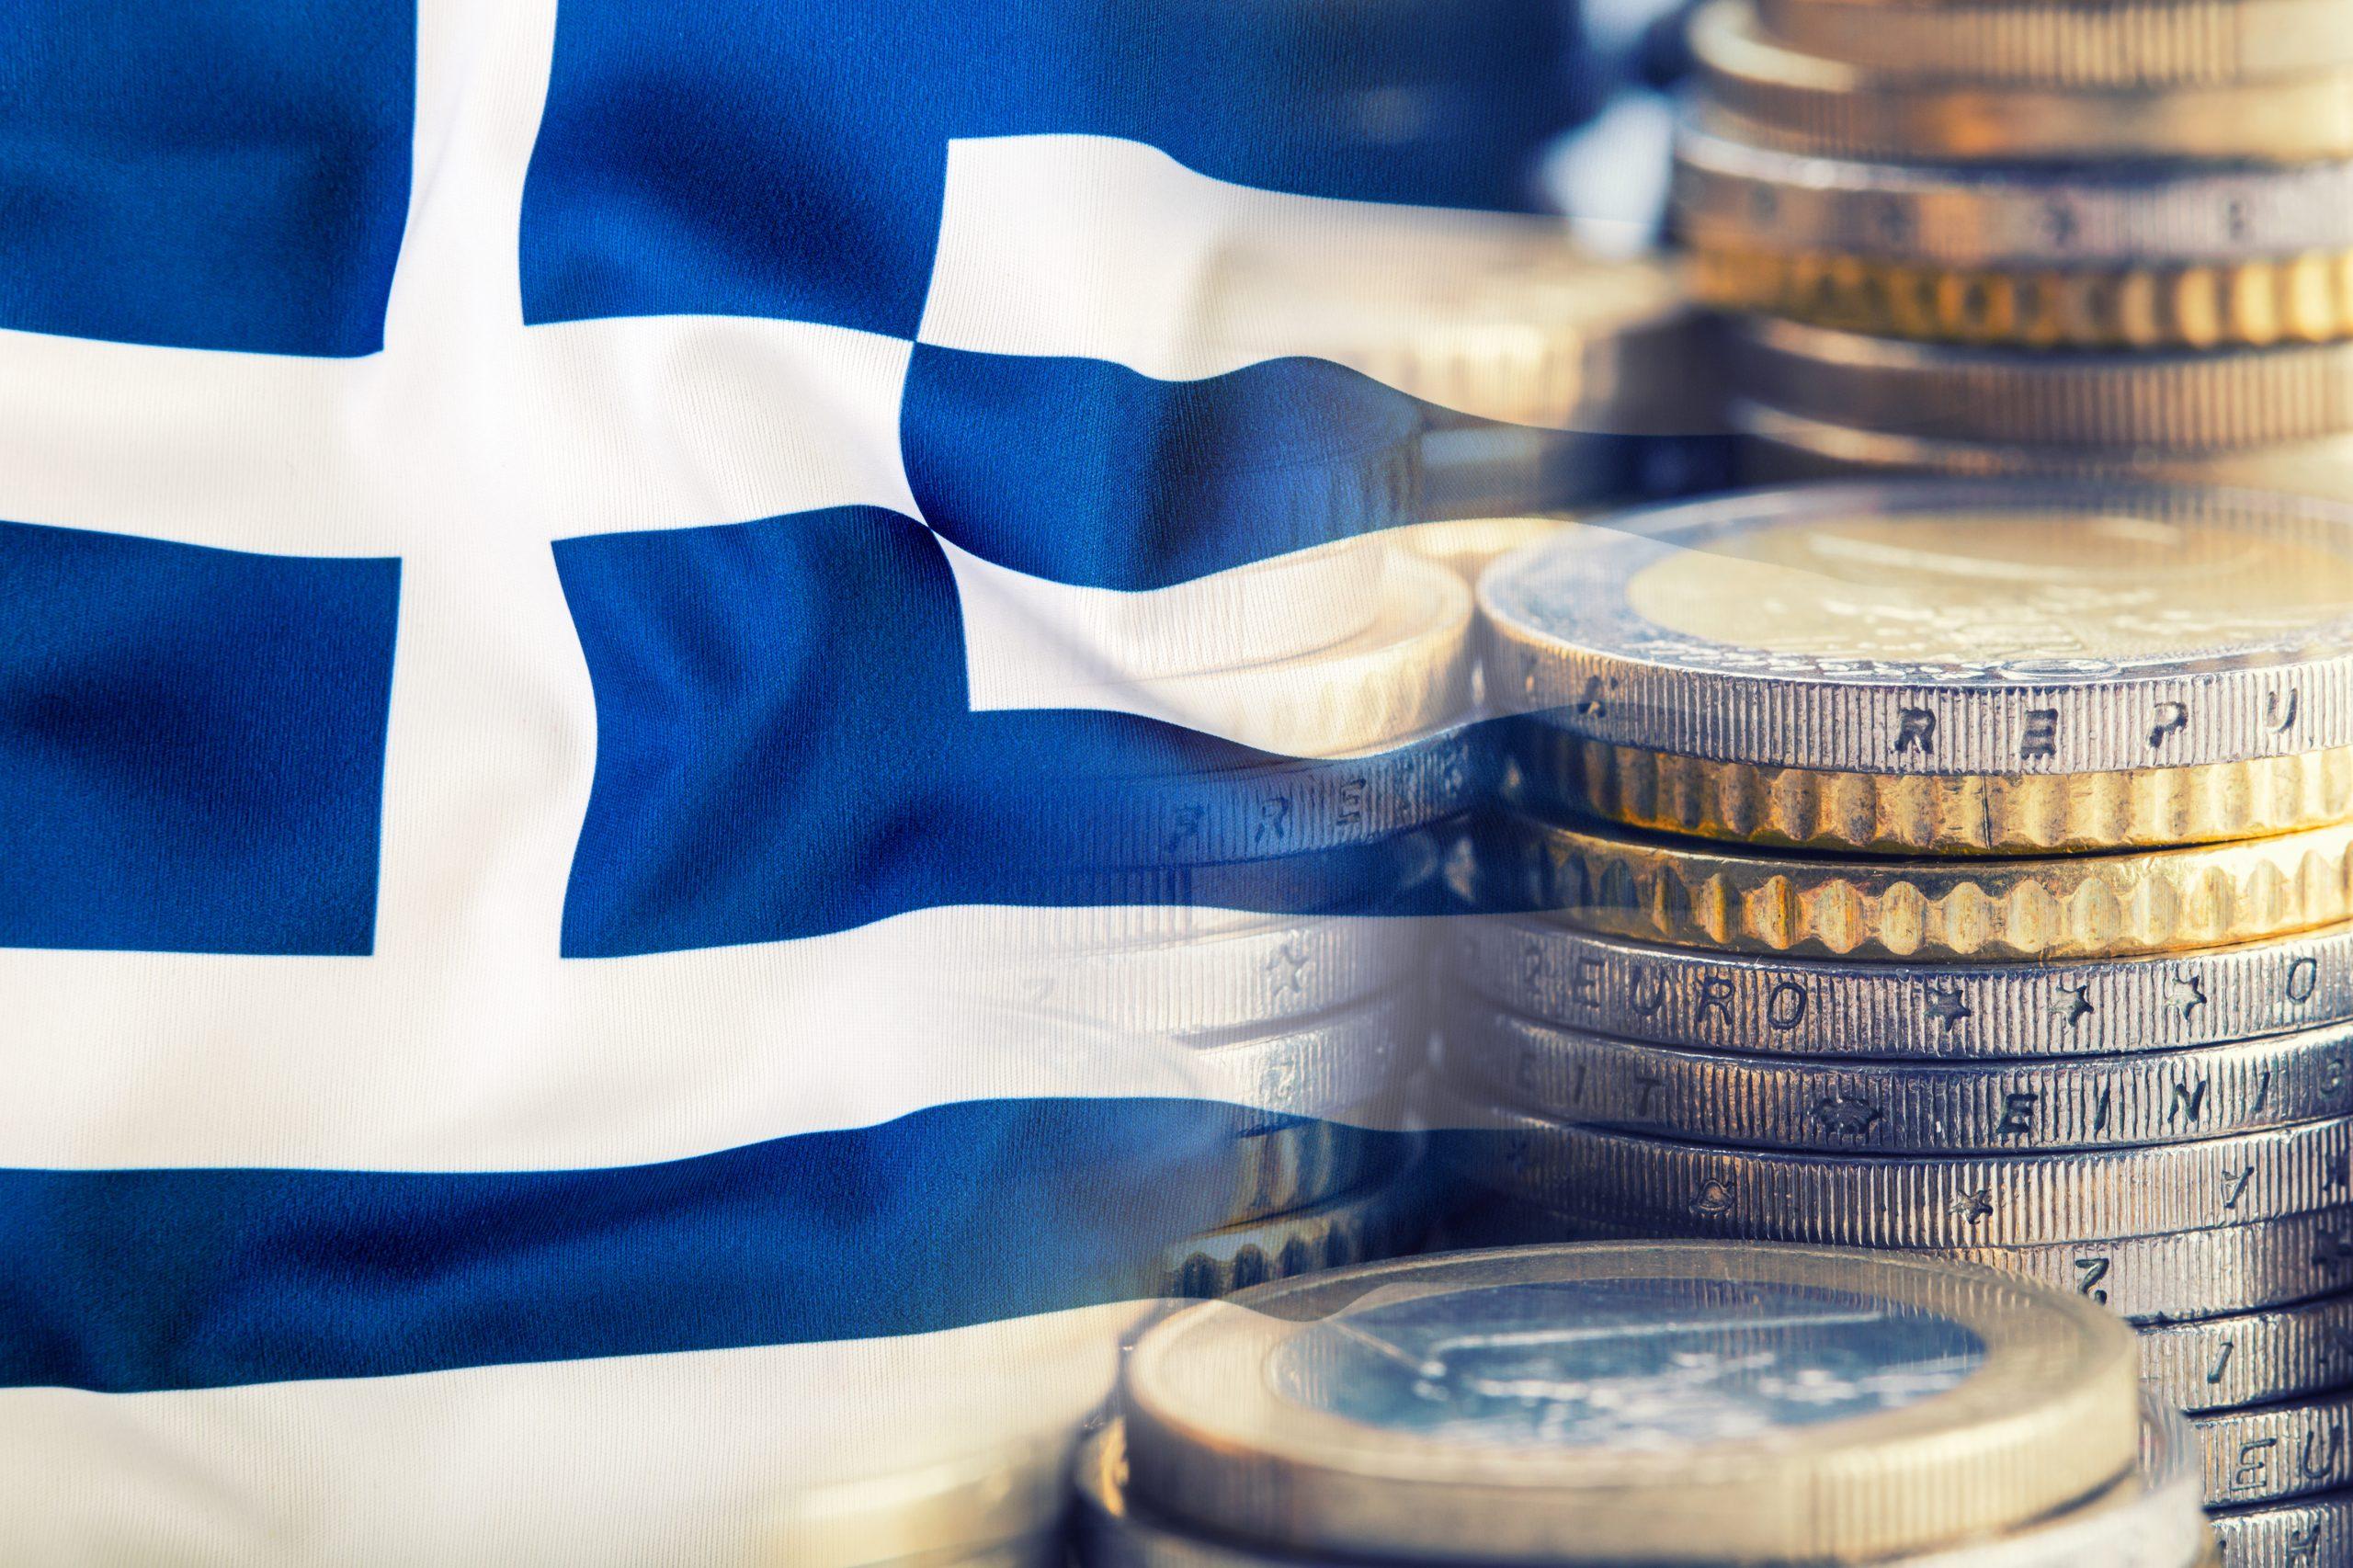 GPA coût en Grèce: est-ce cher ou abordable?